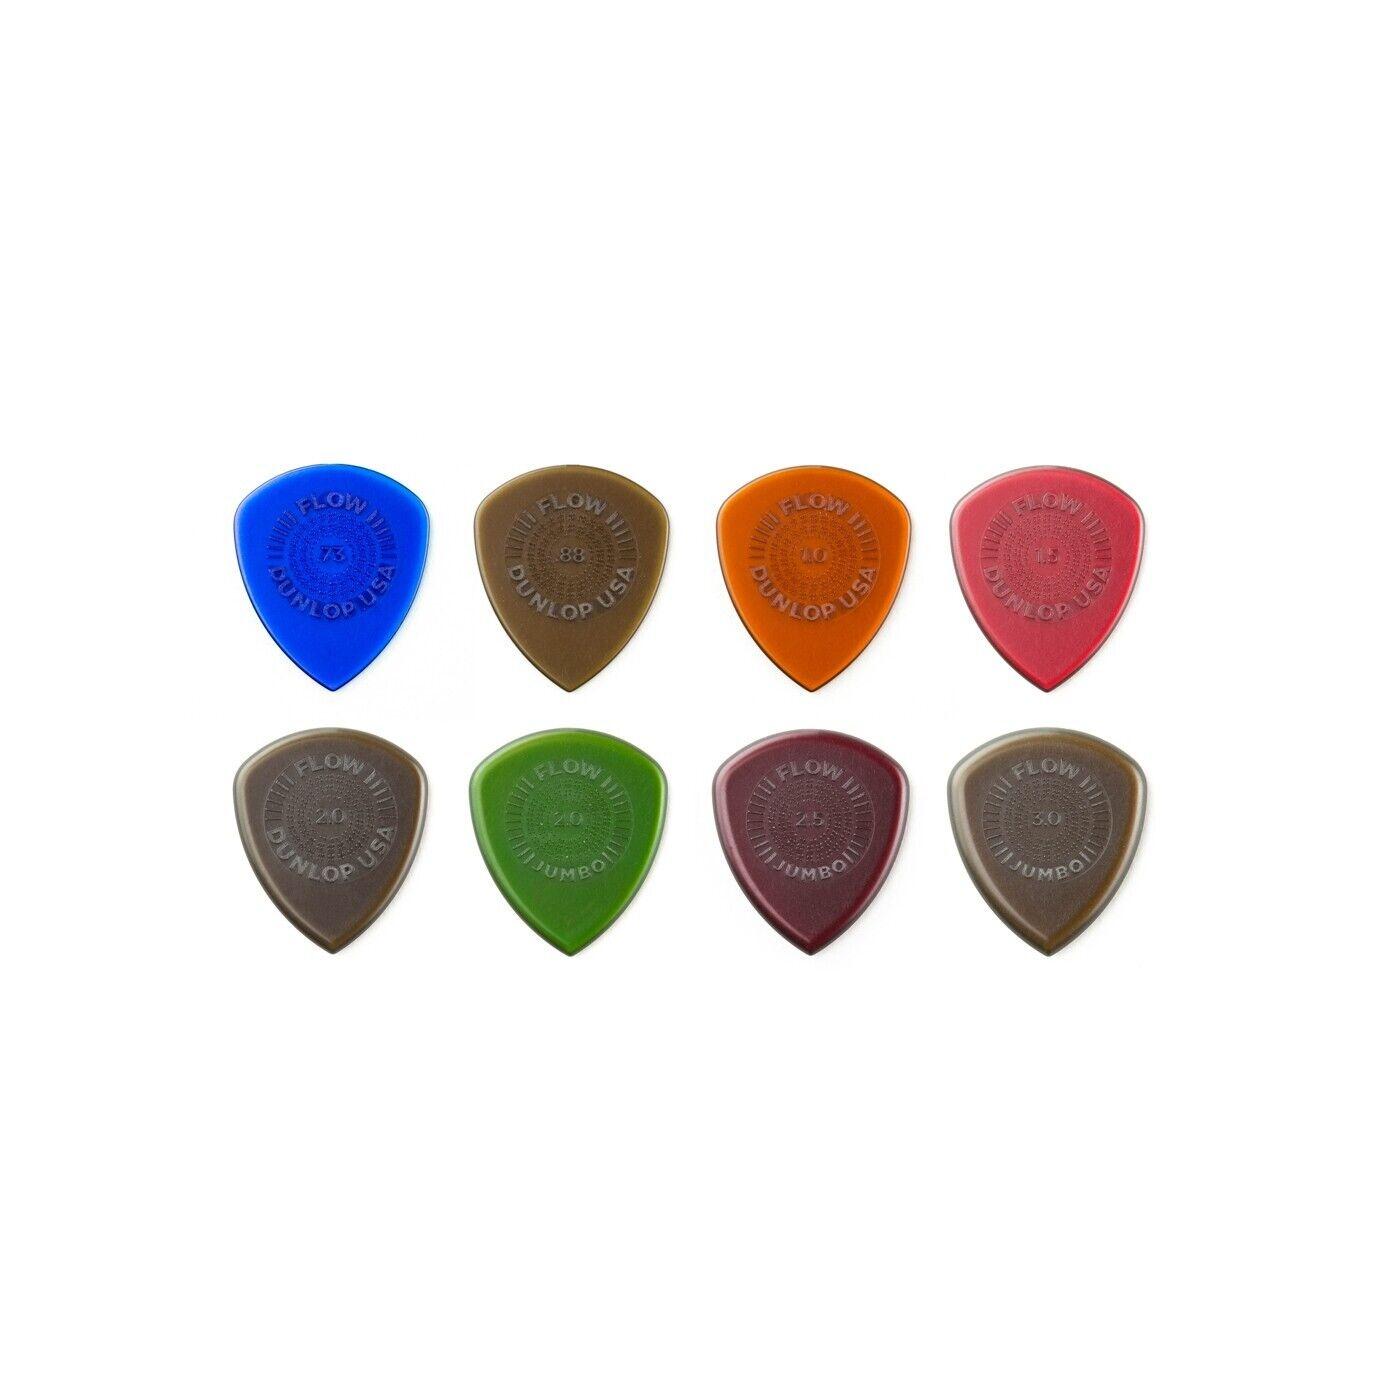 100x Guitar Gitarre Picks Plektrum Plectren Pleks Plektron Pickholder sp